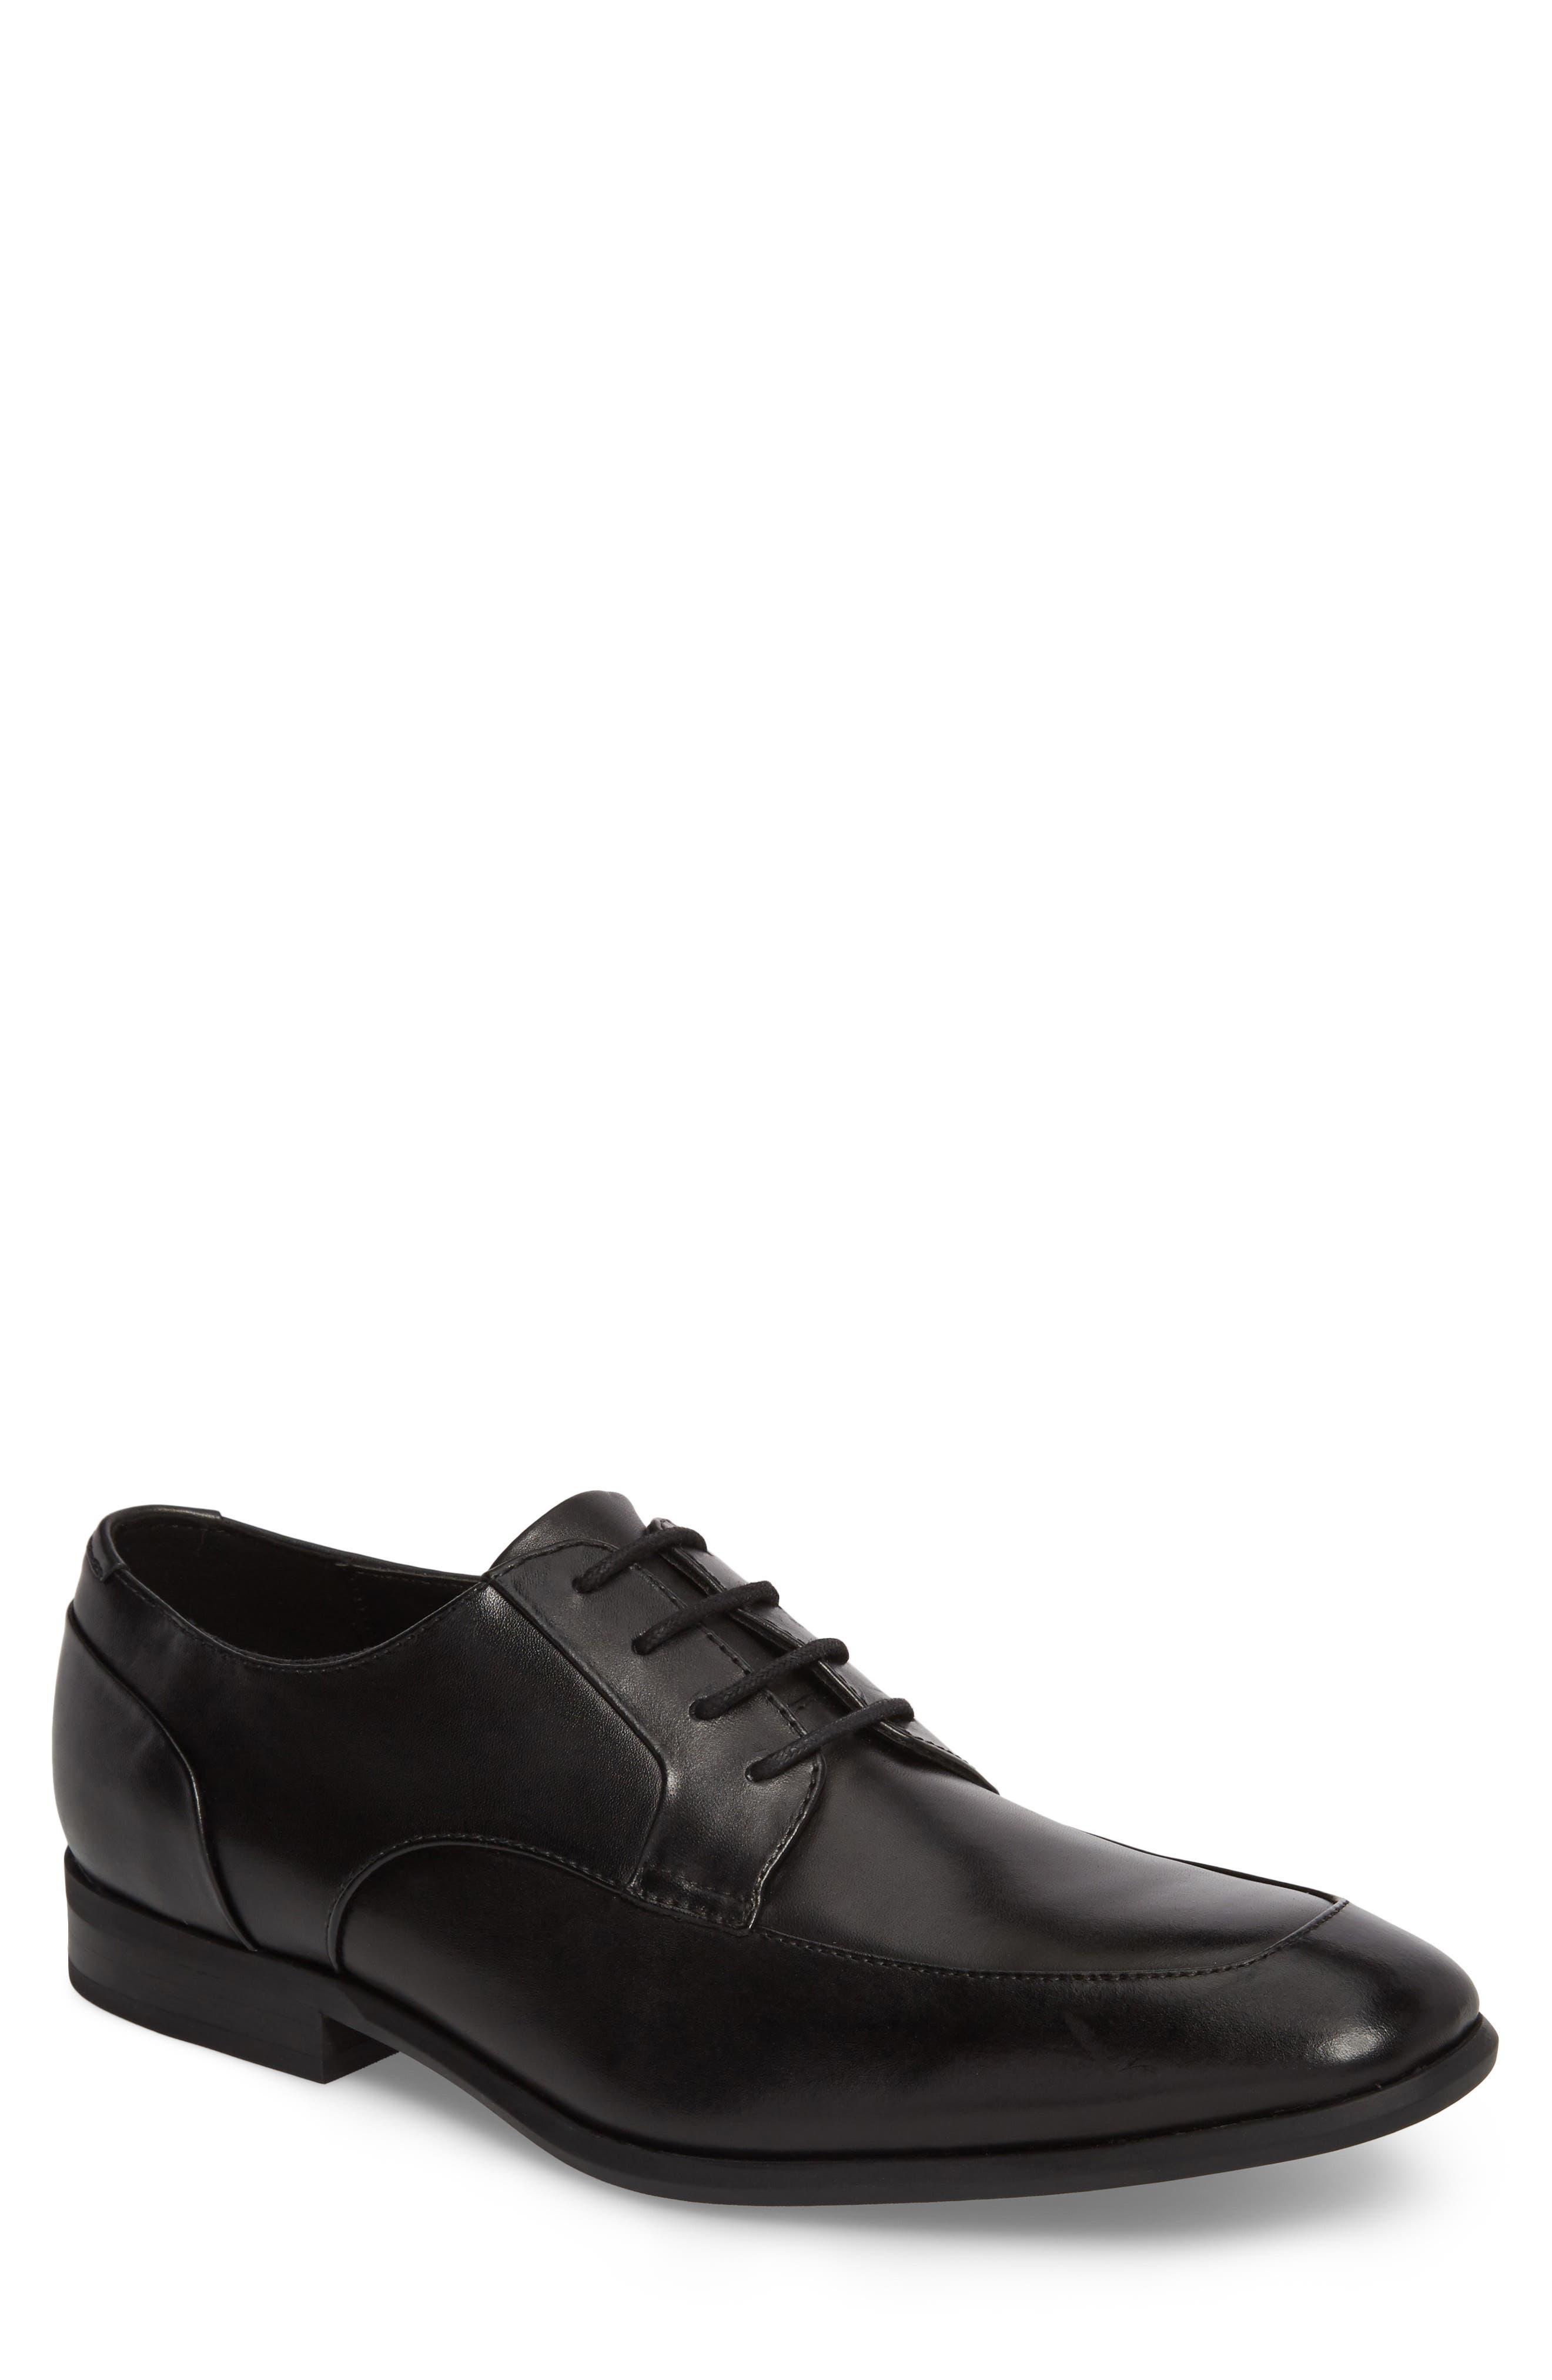 Lazarus Apron Toe Derby,                             Main thumbnail 1, color,                             Black Leather